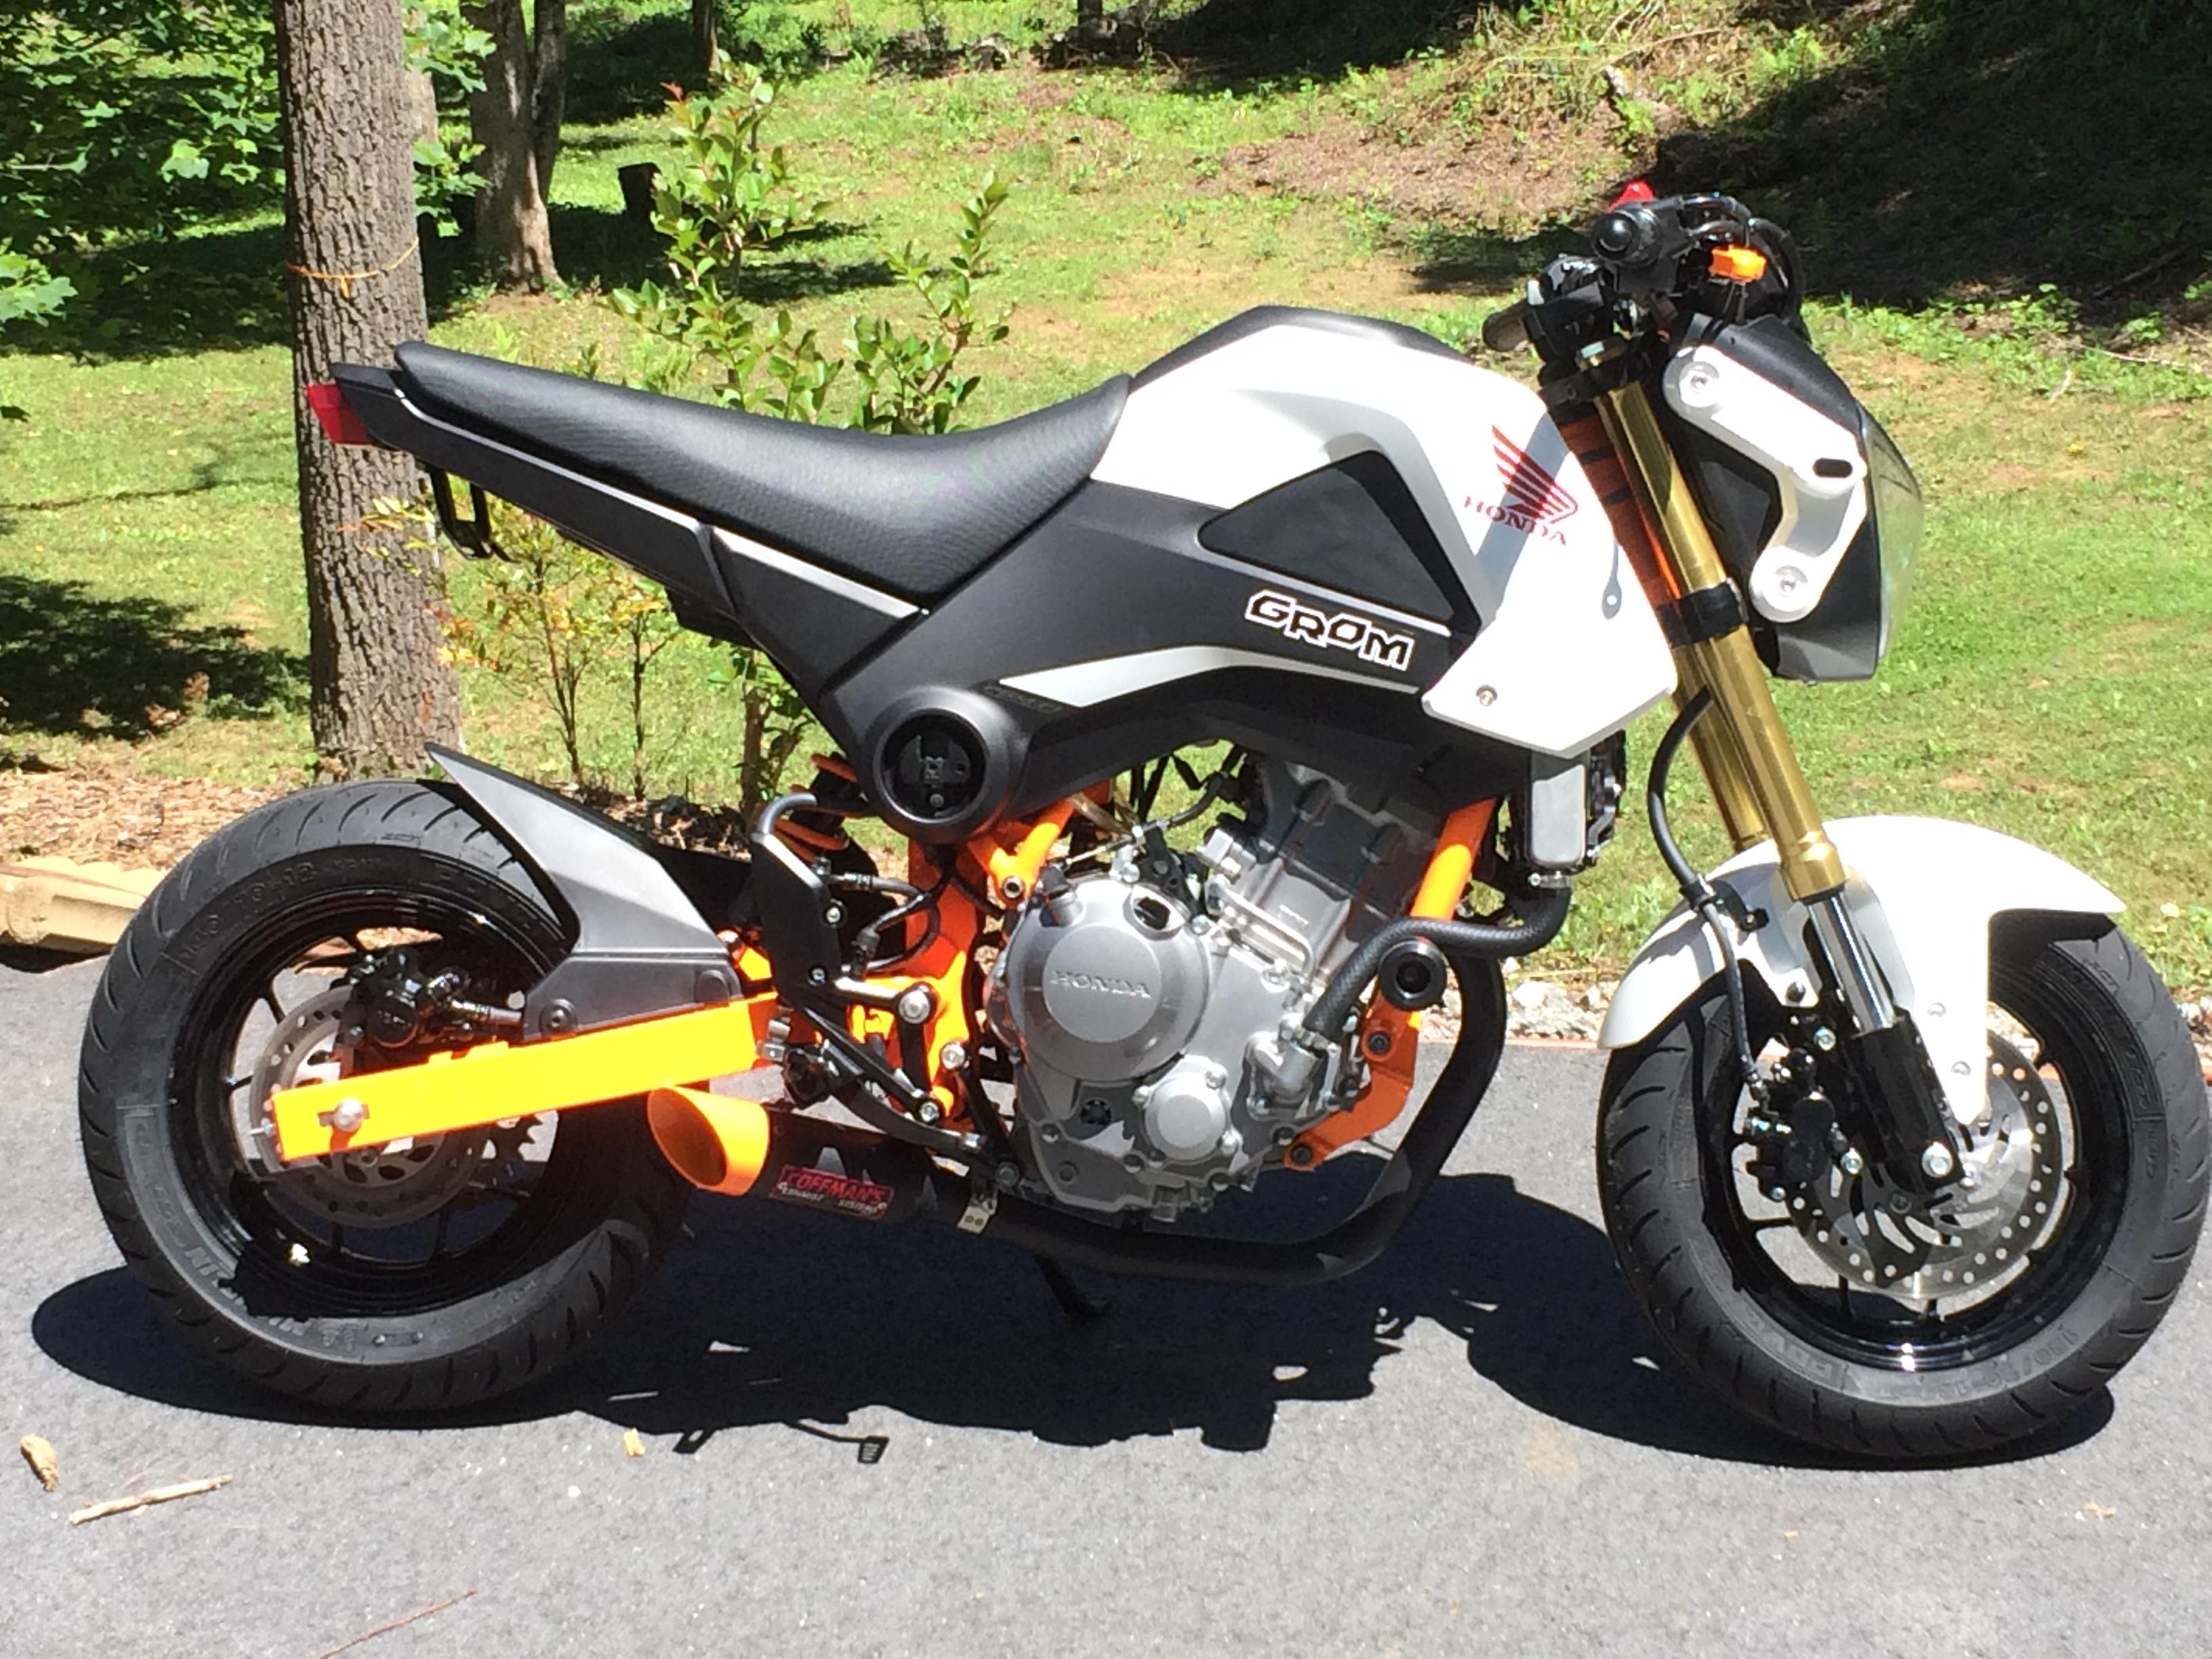 Honda Grom Build >> Build: 300cc Grom - Page 4